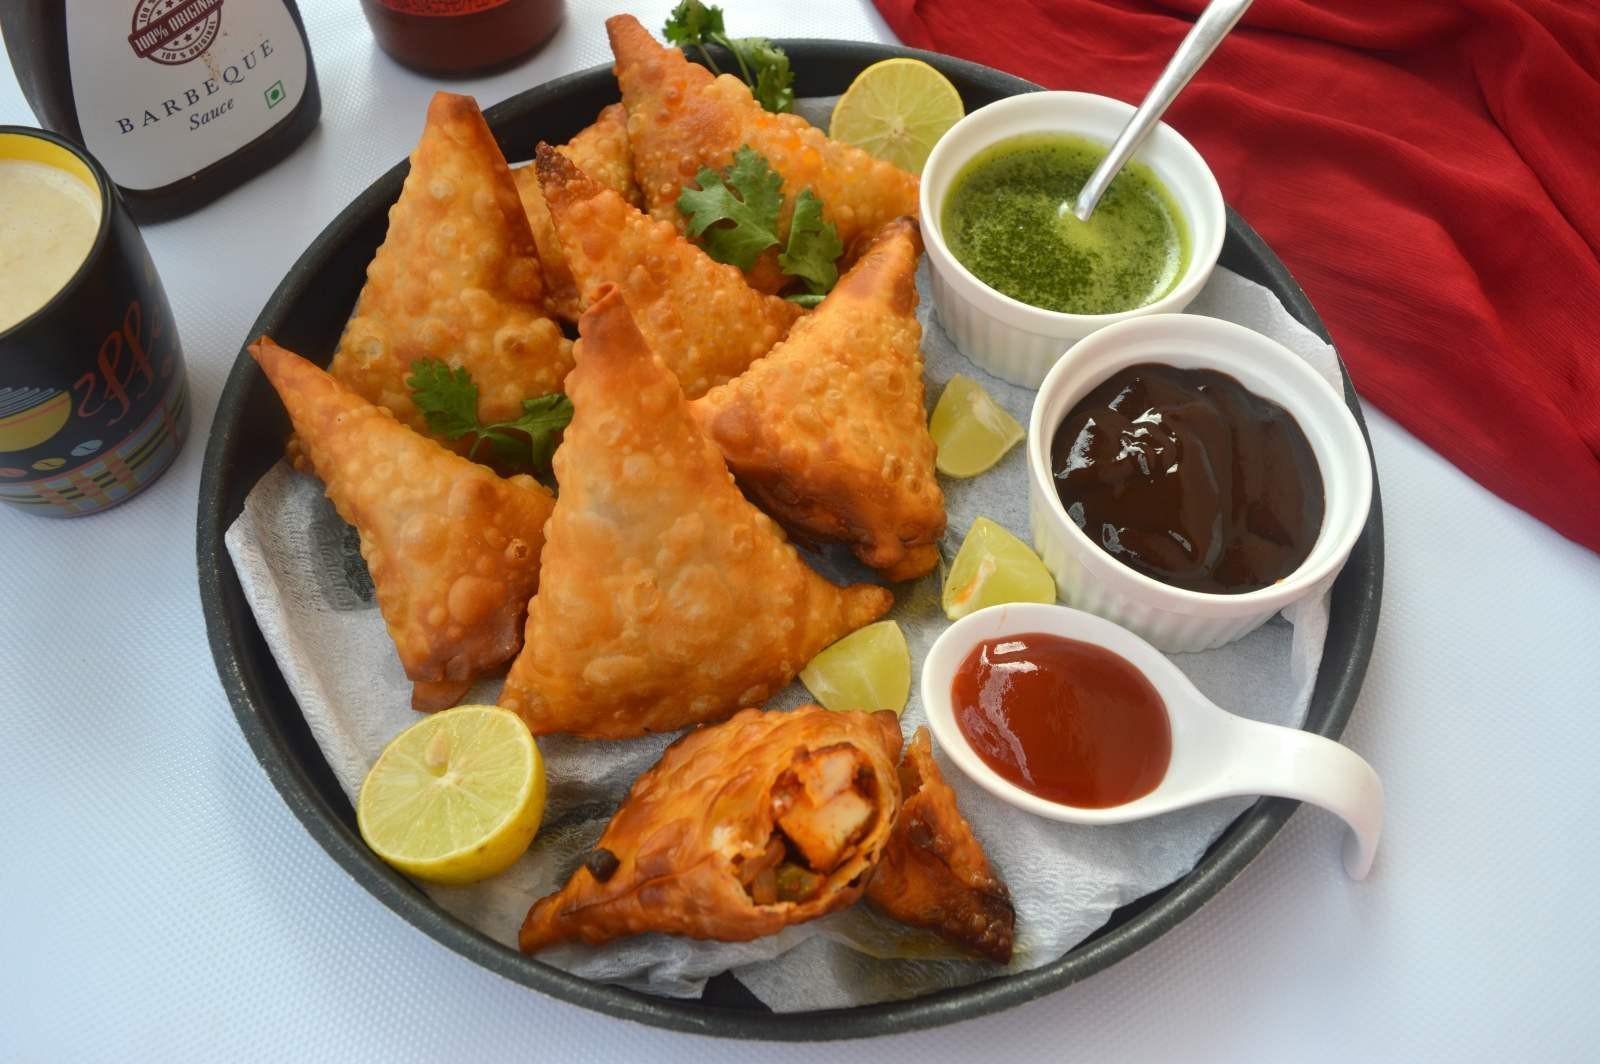 أكلات رمضانية بالصور والمقادير - طريقة عمل السمبوسك الهندي